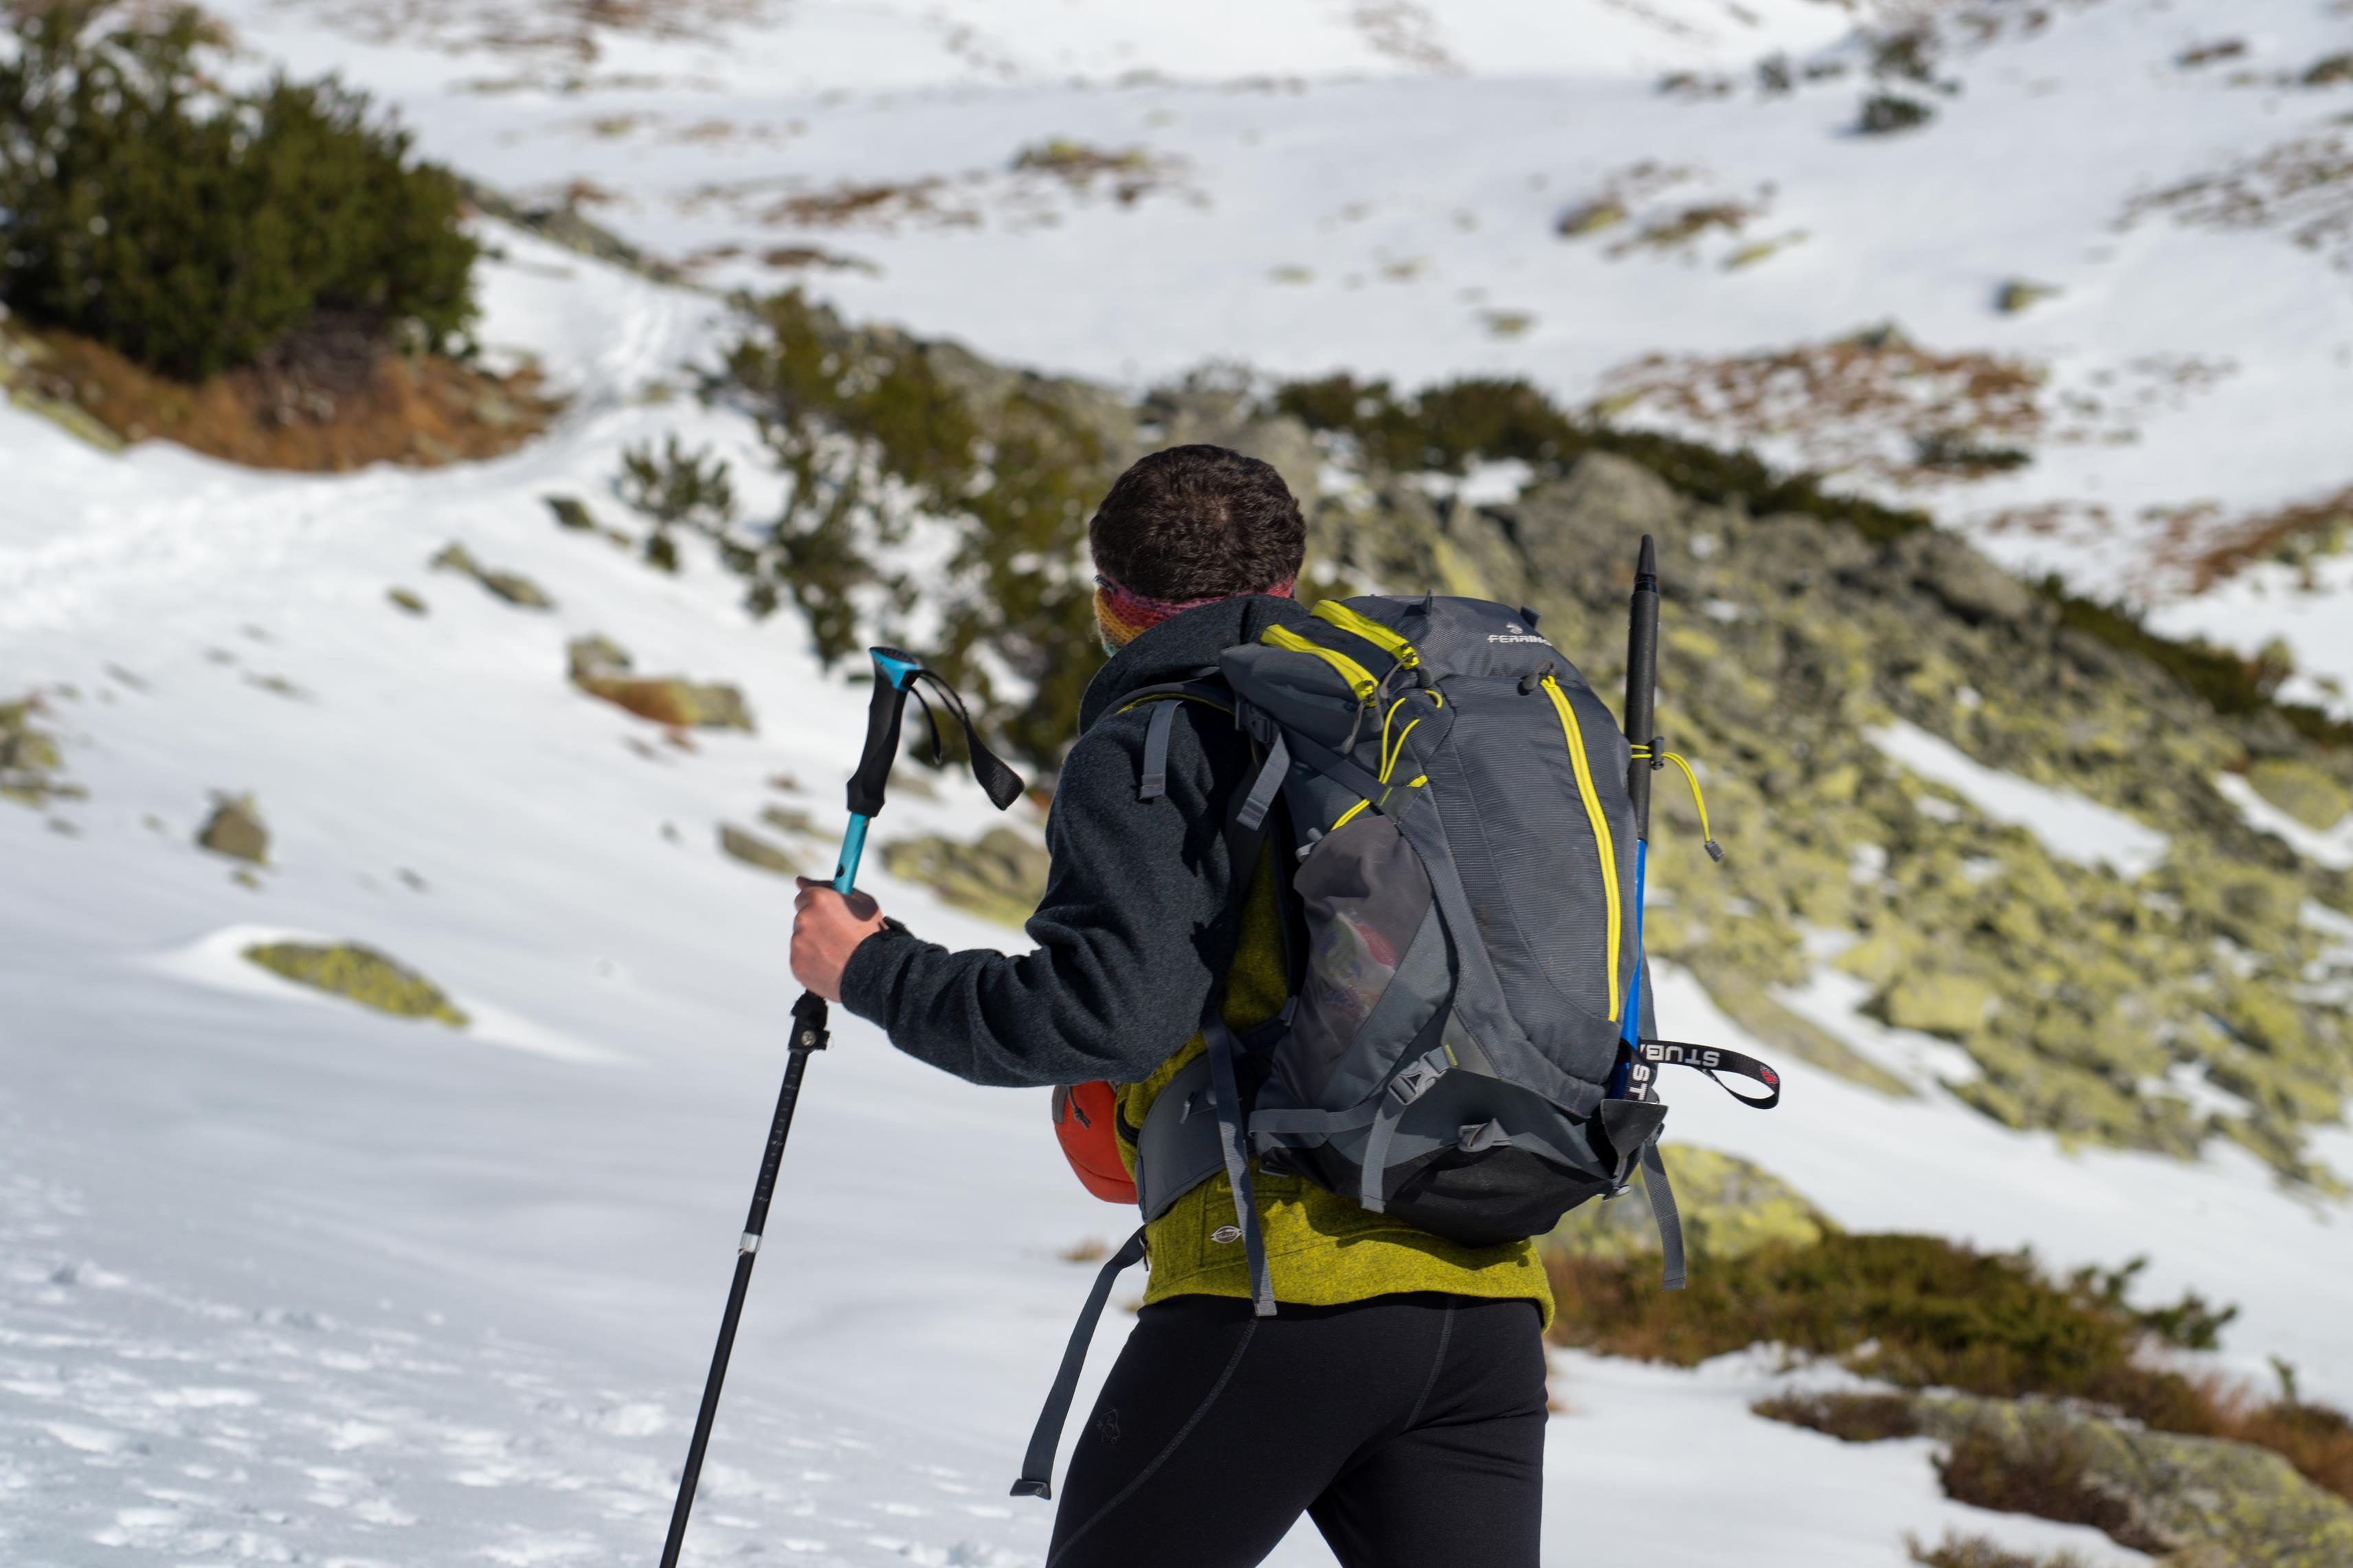 Pánska bunda Forester od Black hill outdoor v Západných Tatrách 02